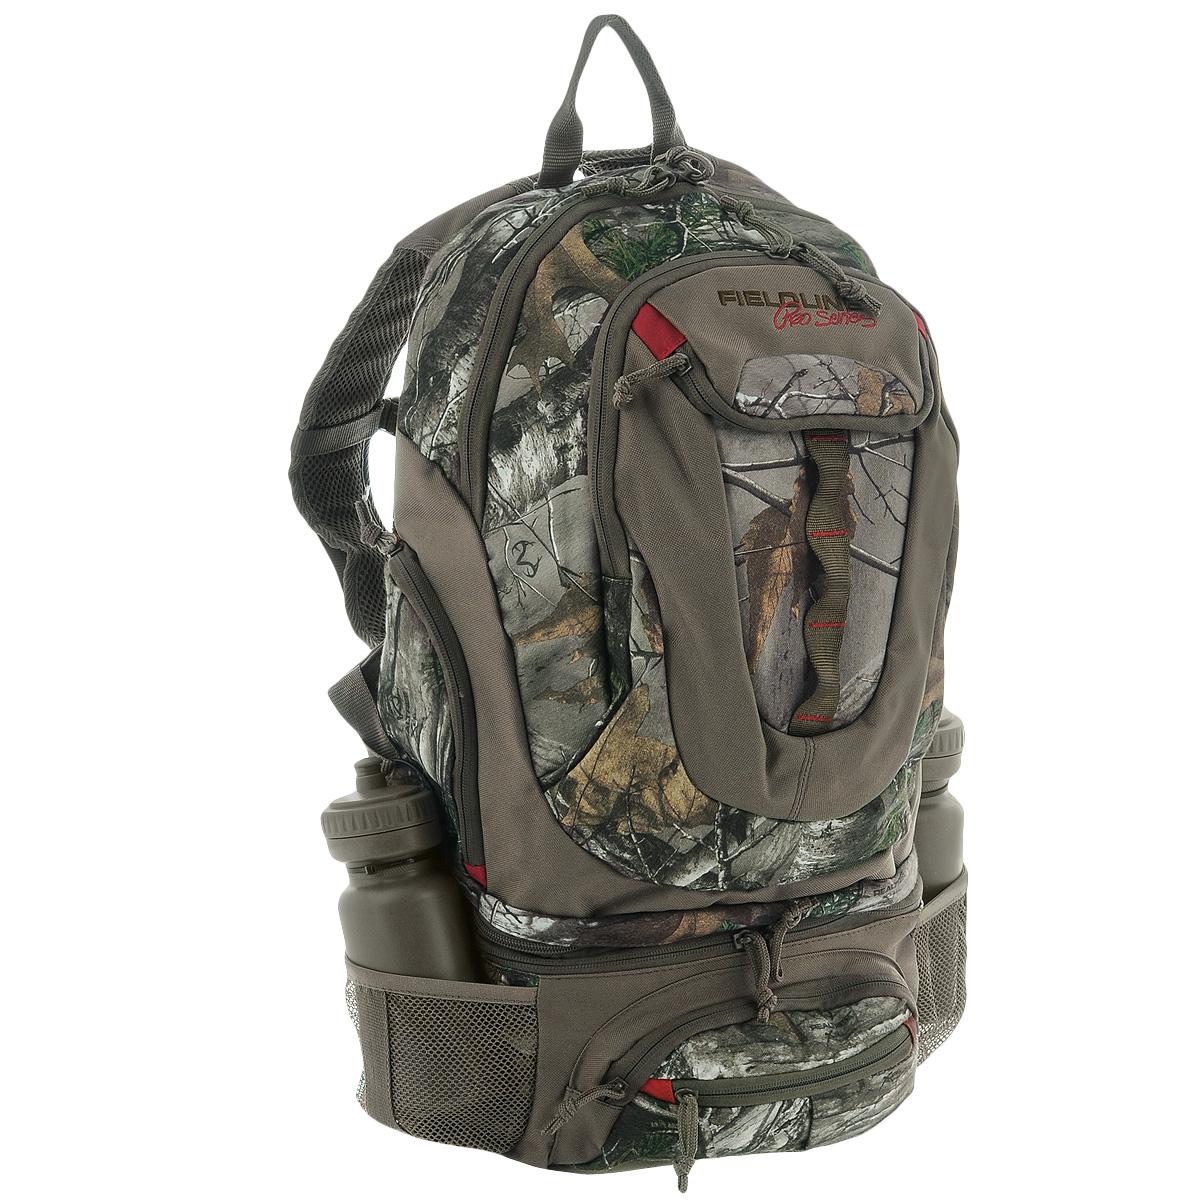 Рюкзак Fieldline Big Game Backpack540100004Охотничий рюкзак Fieldline Big Game Backpack для сложных маршрутов, выполненный из прочной, малошуршащей ткани. Регулируемая подвесная система с вентилируемой сеткой обеспечивает максимальную циркуляцию воздуха. Рюкзак имеет 1 вместительное отделение на застежке-молнии с 2 бегунками. Спереди имеется 2 кармана на застежке-молнии. По бокам также расположено 2 кармана на застежке-молнии. Нижняя часть рюкзака может быть отсоединена и использована как поясная сумка. Она имеет 1 вместительное отделение на застежке-молнии. Спереди имеется 2 кармана на застежке-молнии. По бокам расположено 2 сетчатых кармана для хранения бутылок с водой (2 бутылки в комплекте).